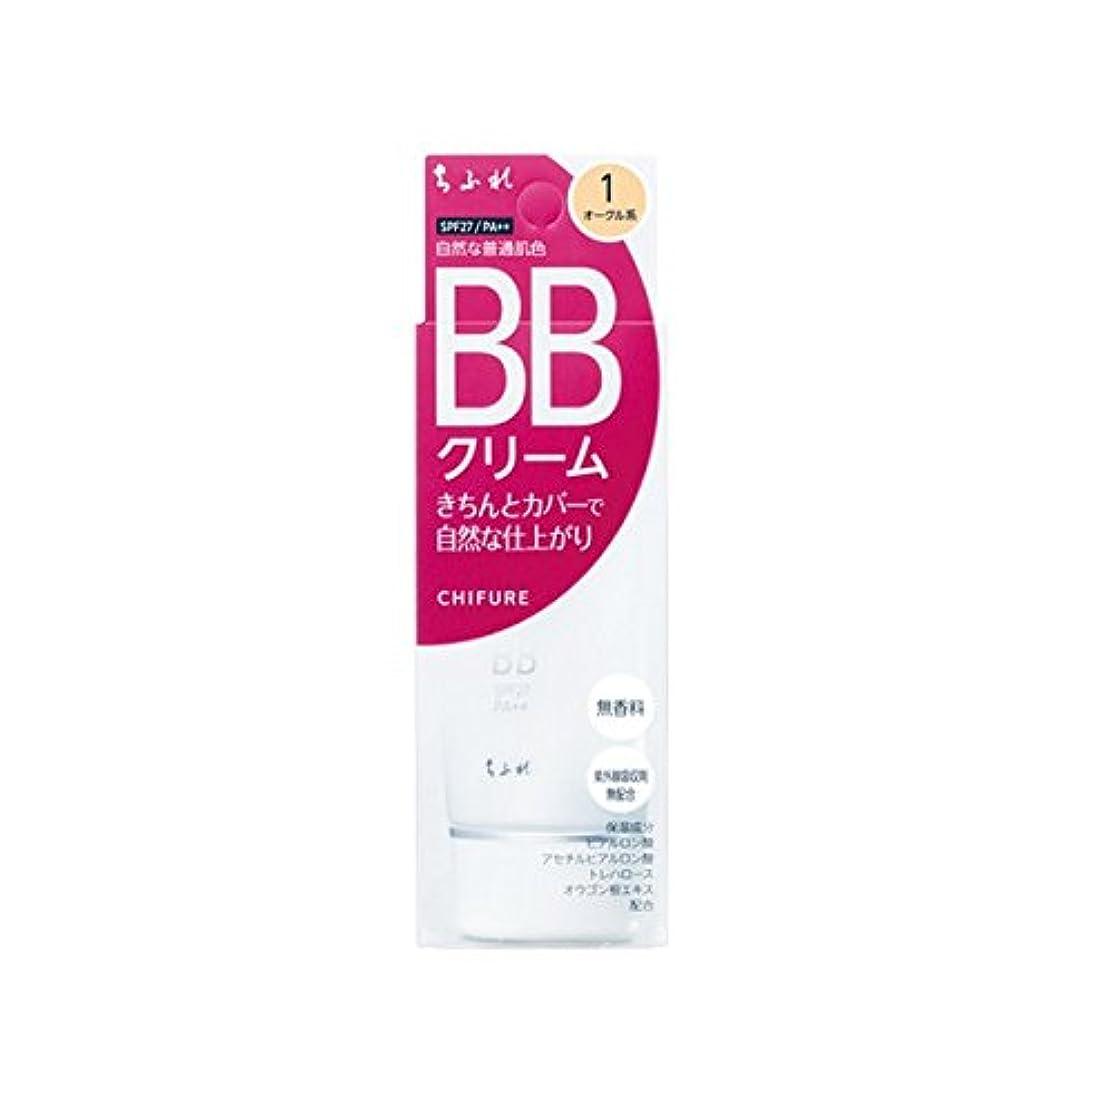 彼らの幻滅するセミナーちふれ化粧品 BB クリーム 1 自然な普通肌色 BBクリーム 1